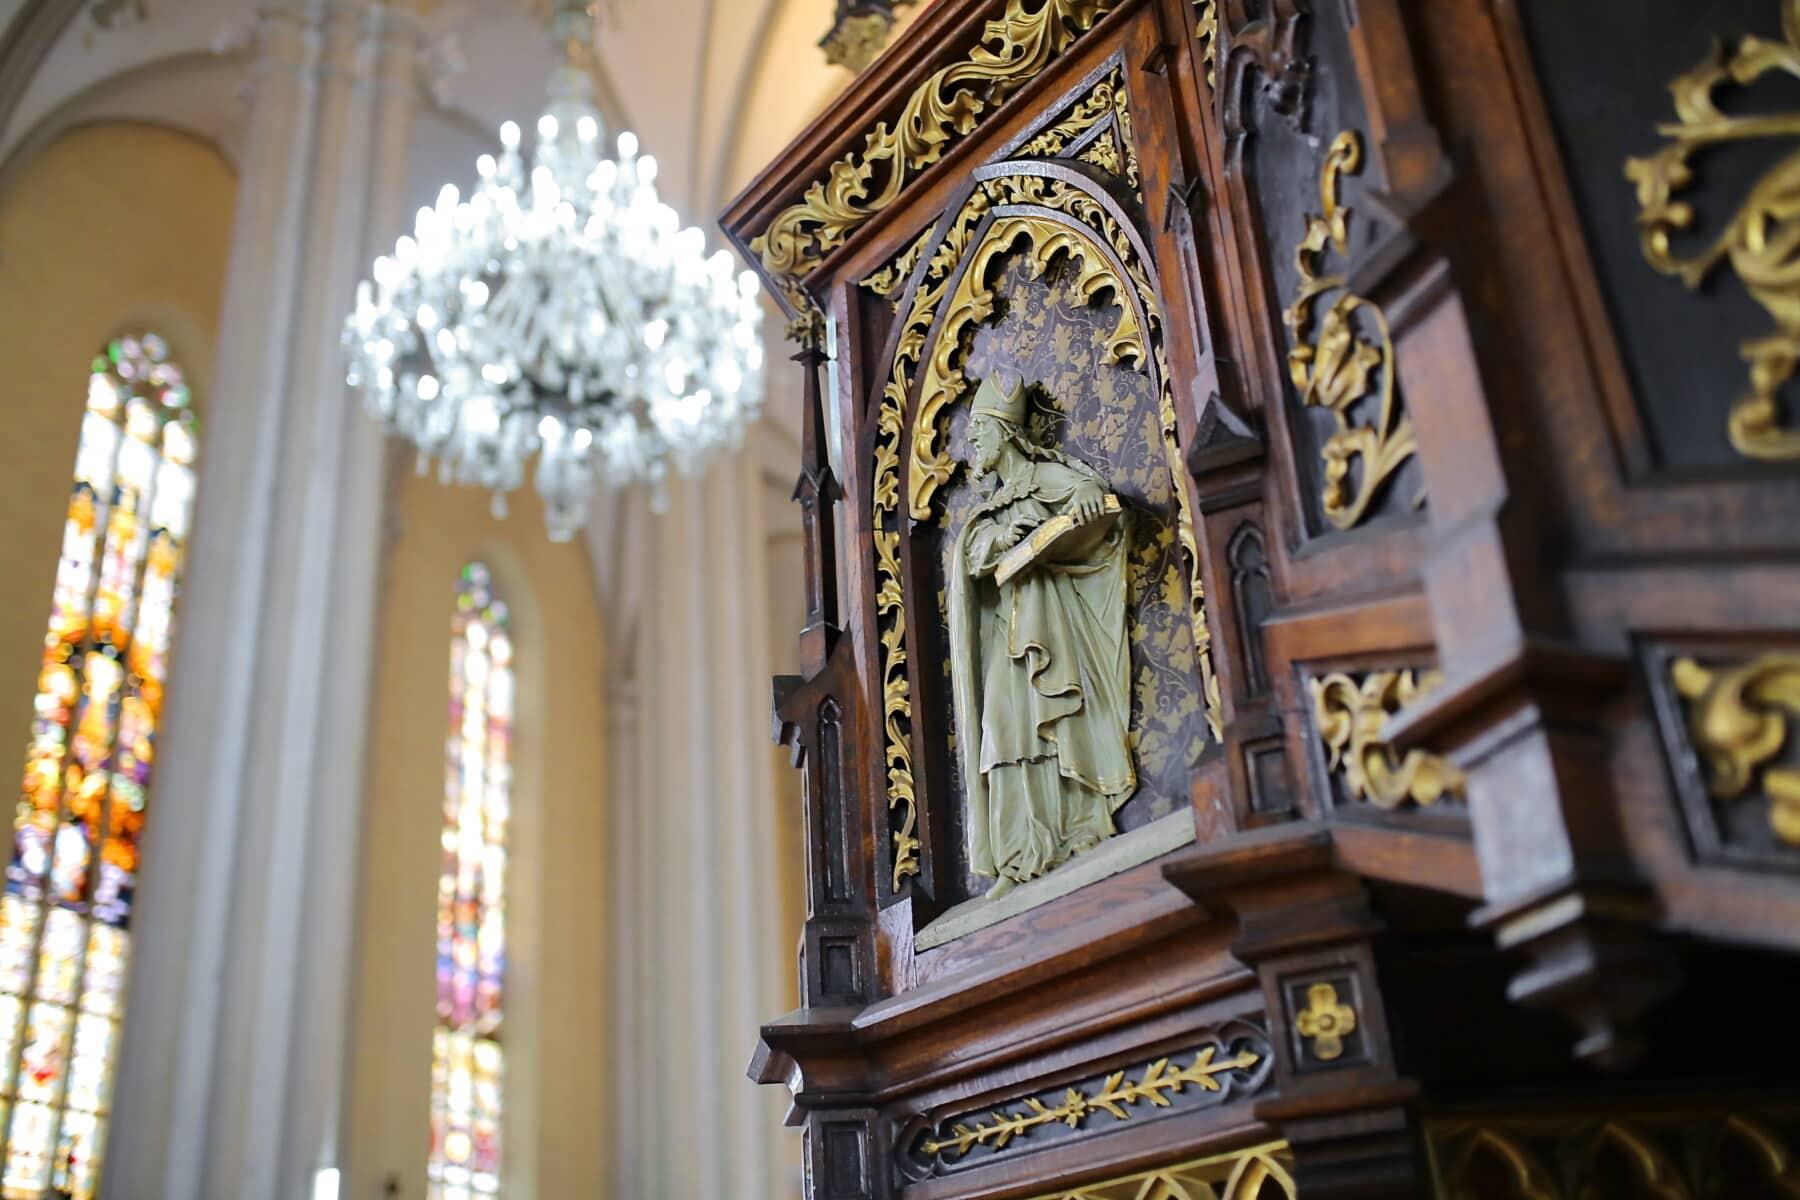 Kirche, Interieur-design, katholische, Innendekoration, Wände, Bögen, Heilige, Gebäude, Altar, Architektur